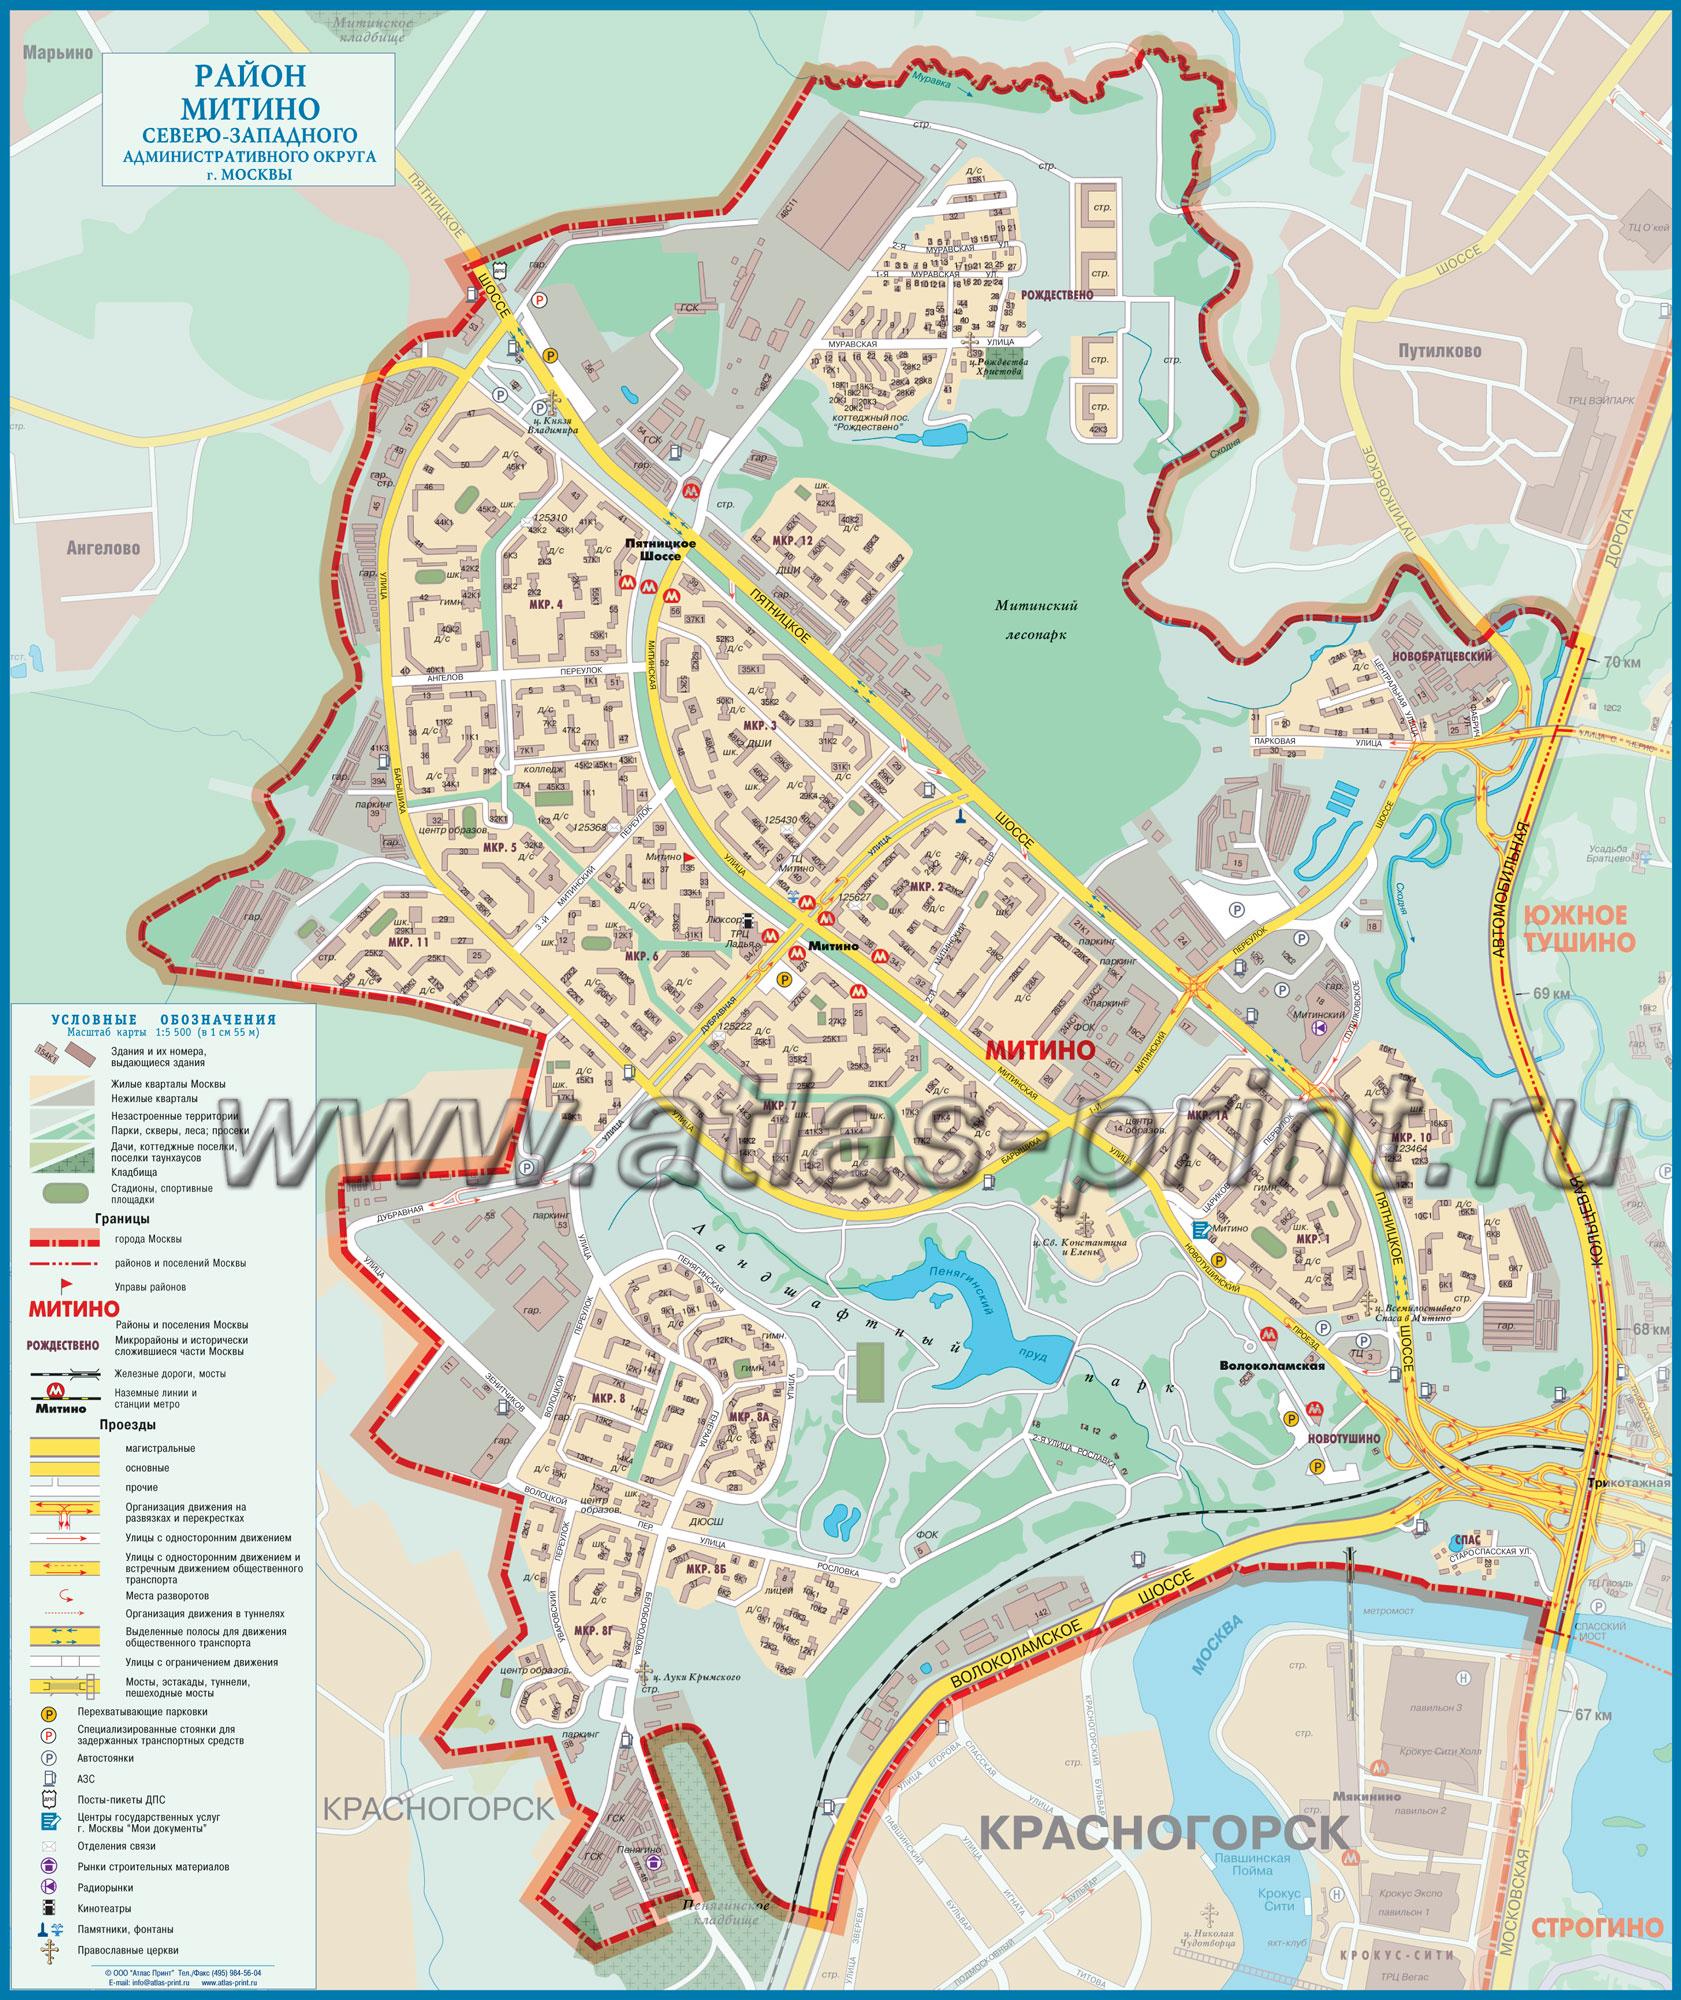 Настенная карта района Митино г. Москвы 0,84*1,00 м, ламинированная